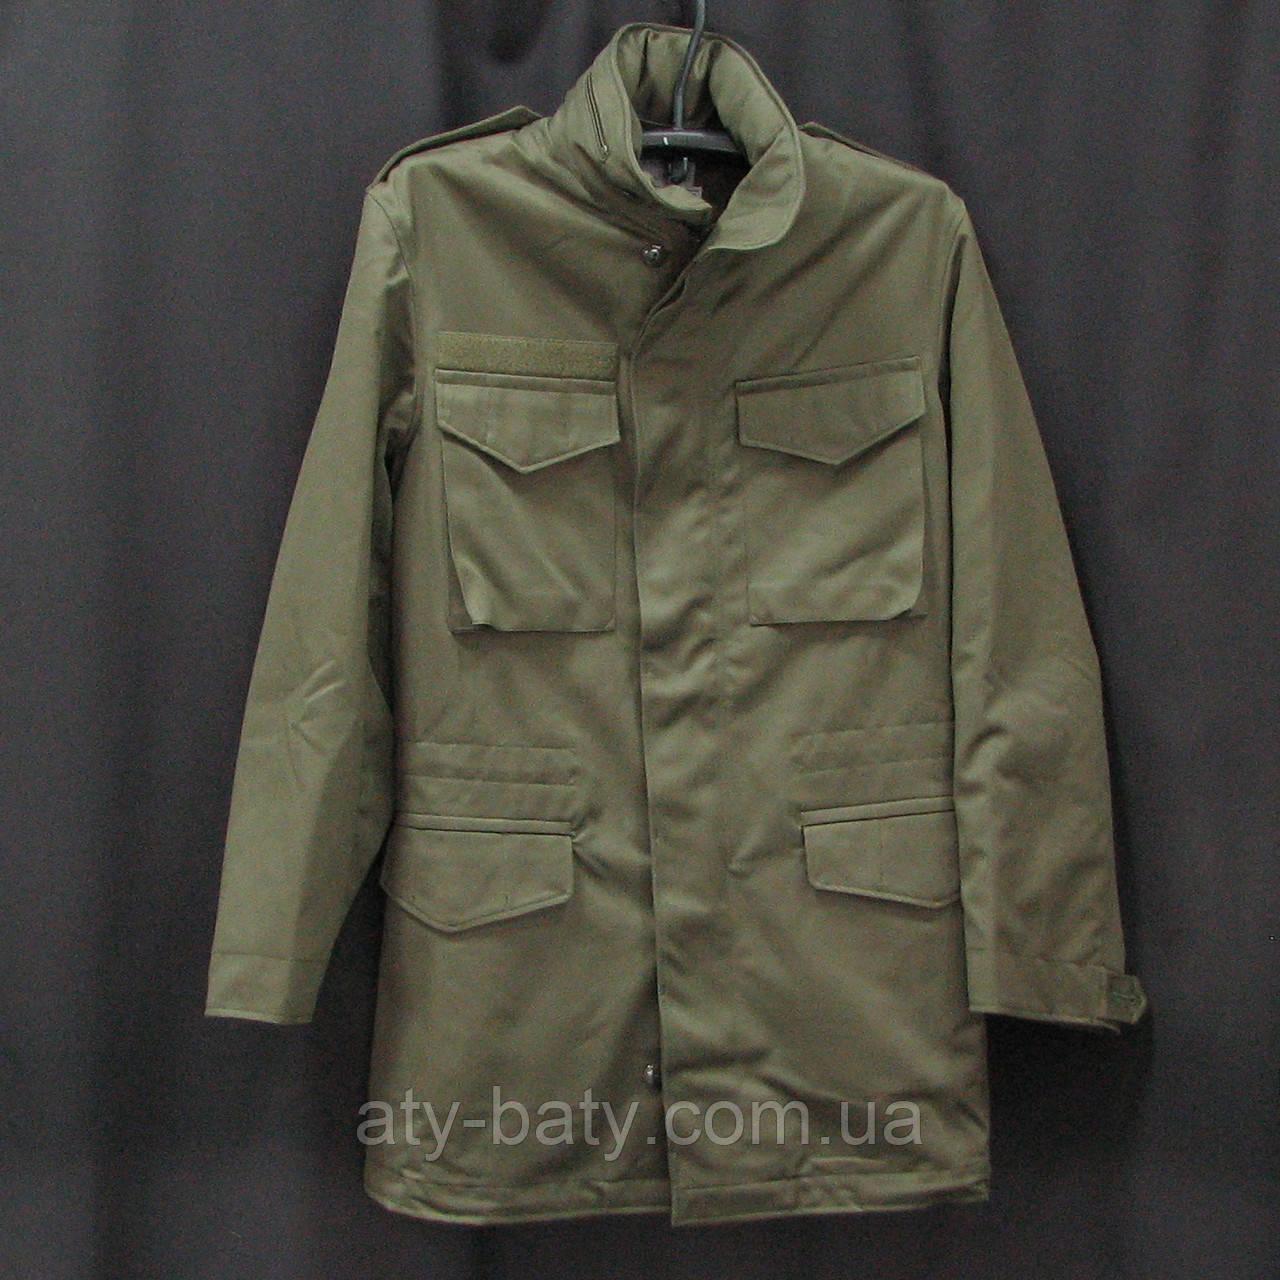 Армейская одежда интернет-магазин